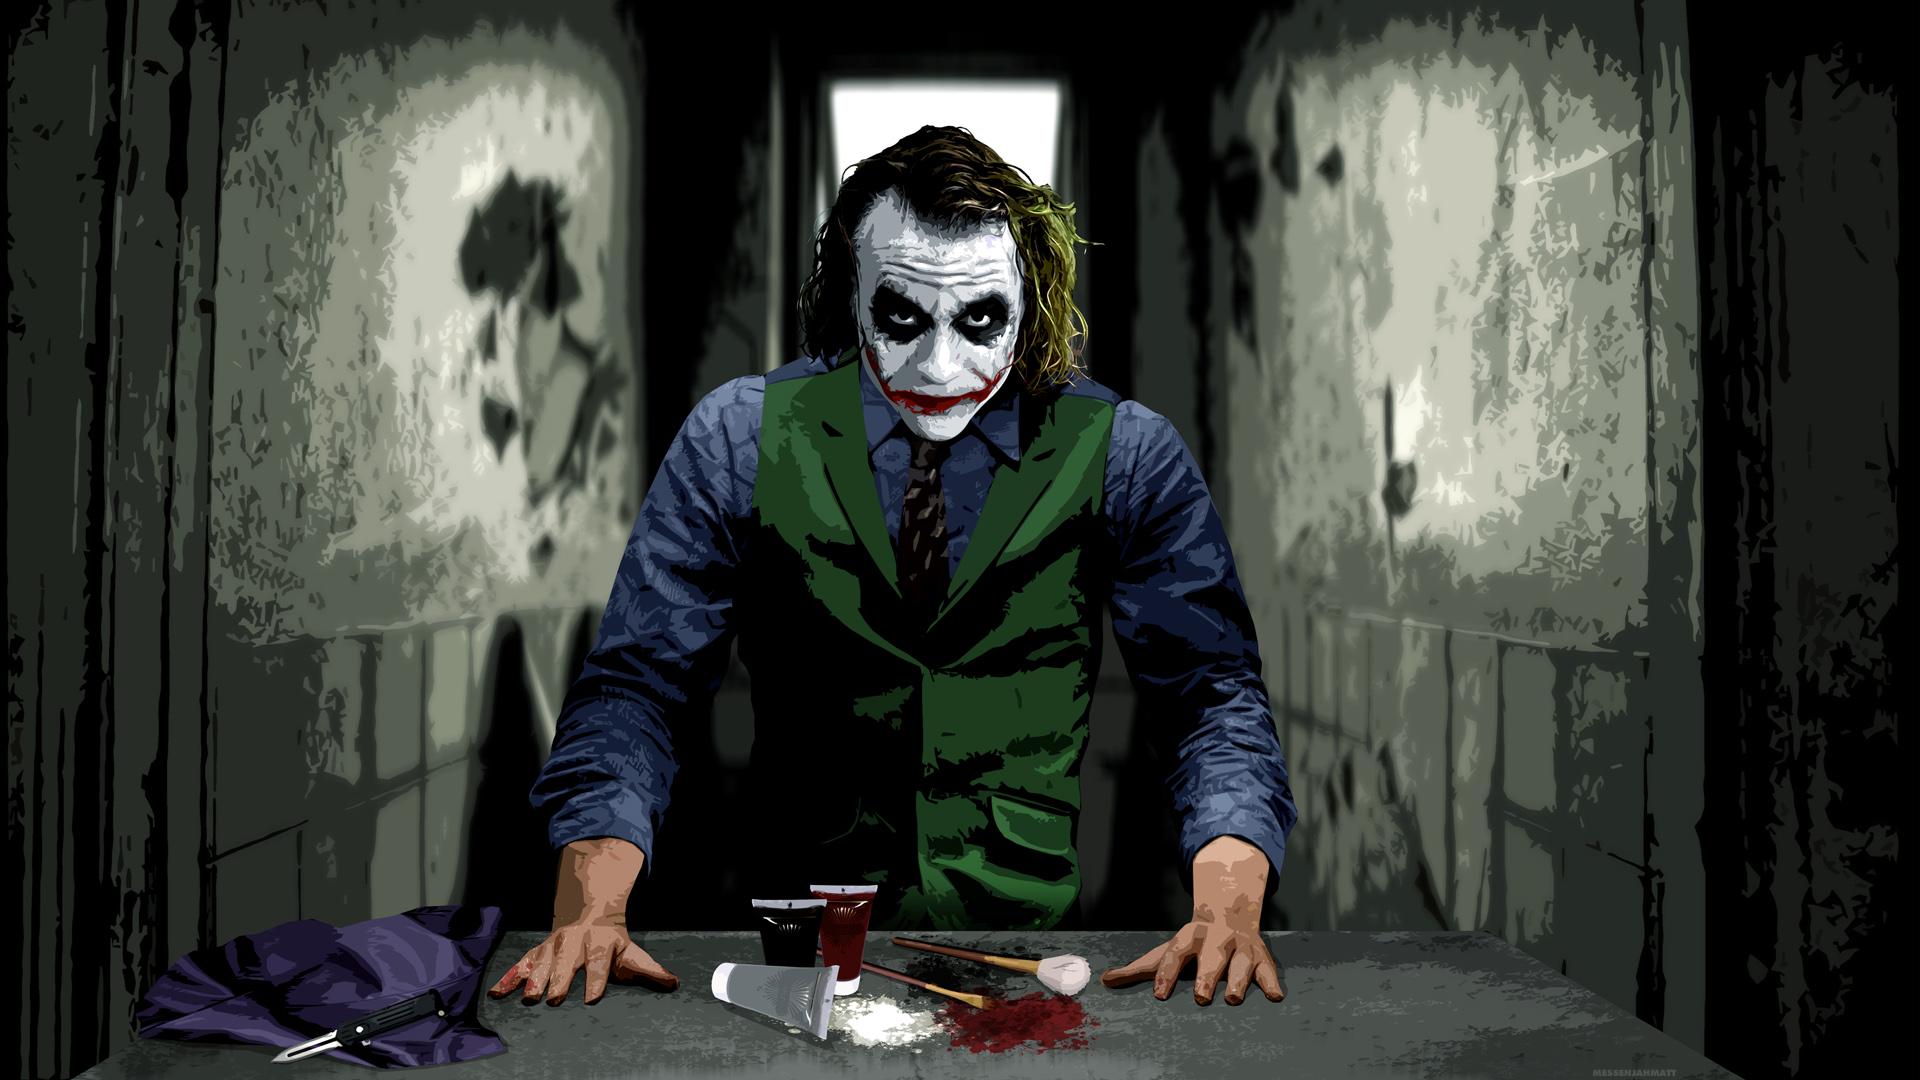 The Joker Wallpaper 1920x1080 The Joker 1920x1080